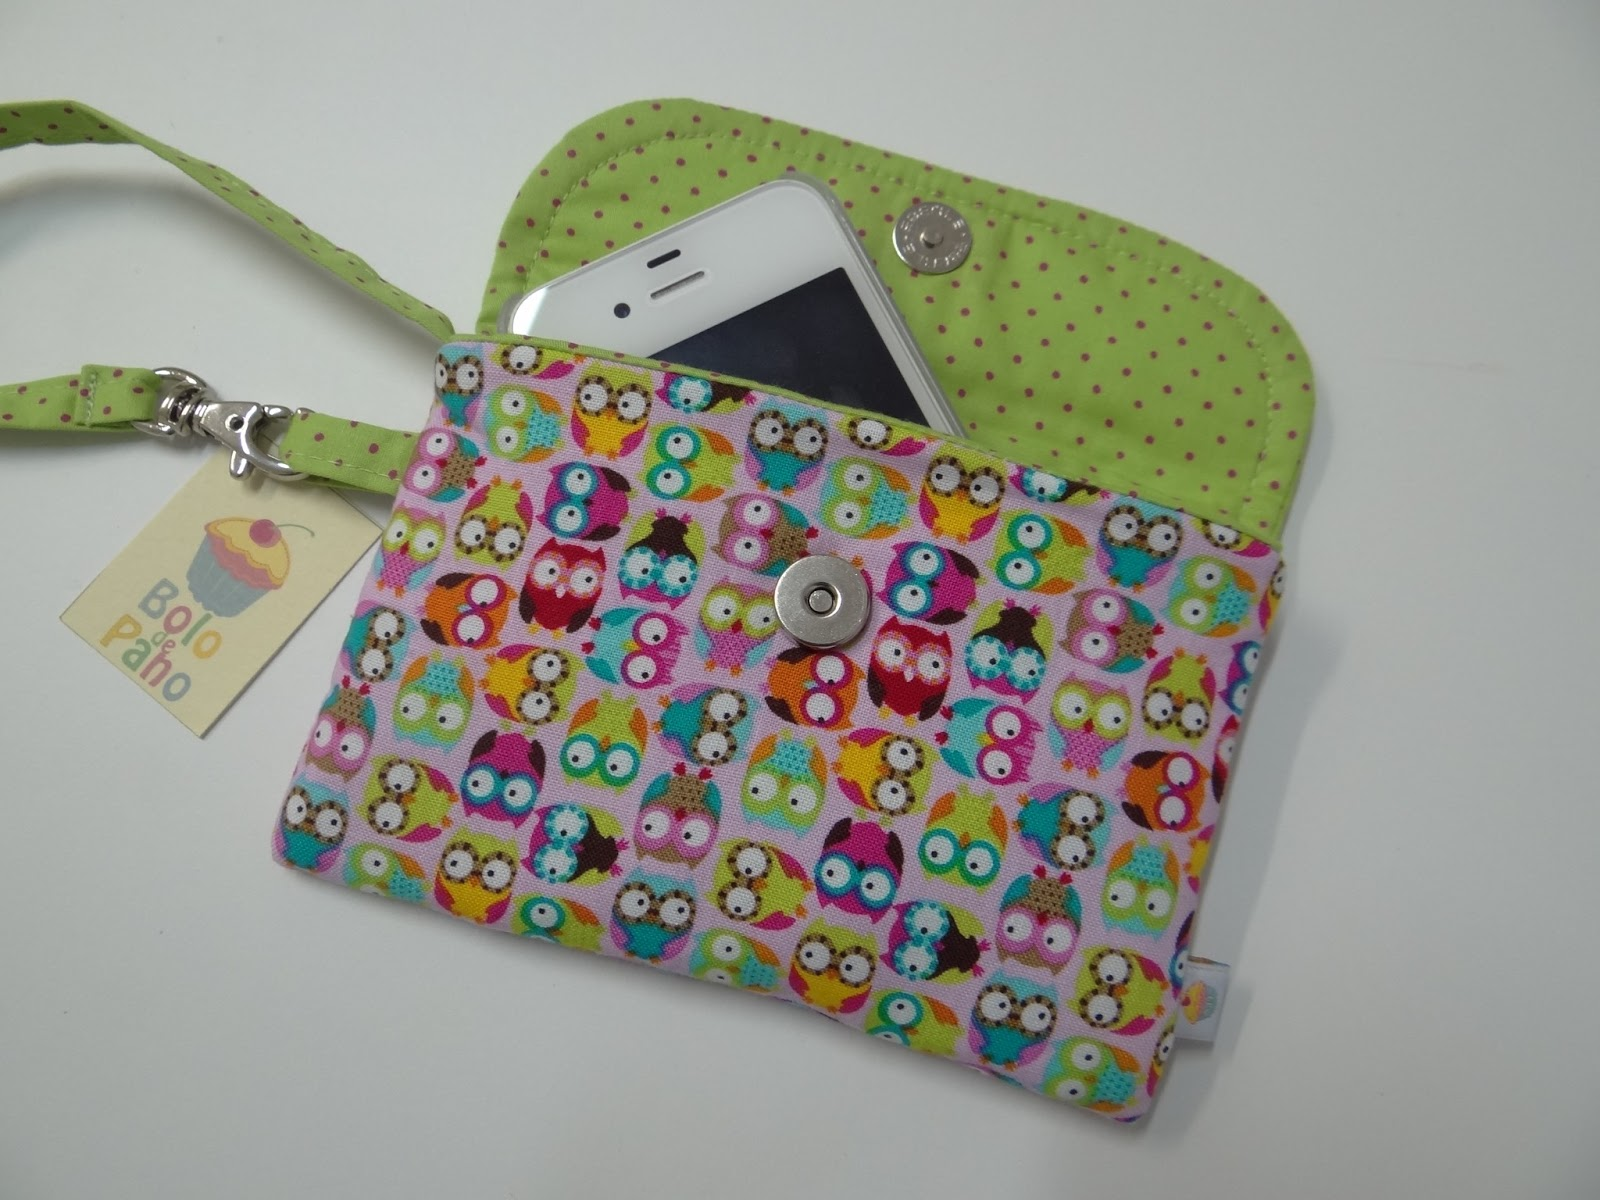 Bolsa De Tecido Com Fecho : Bolo de pano bolsa envelope mini corujinhas